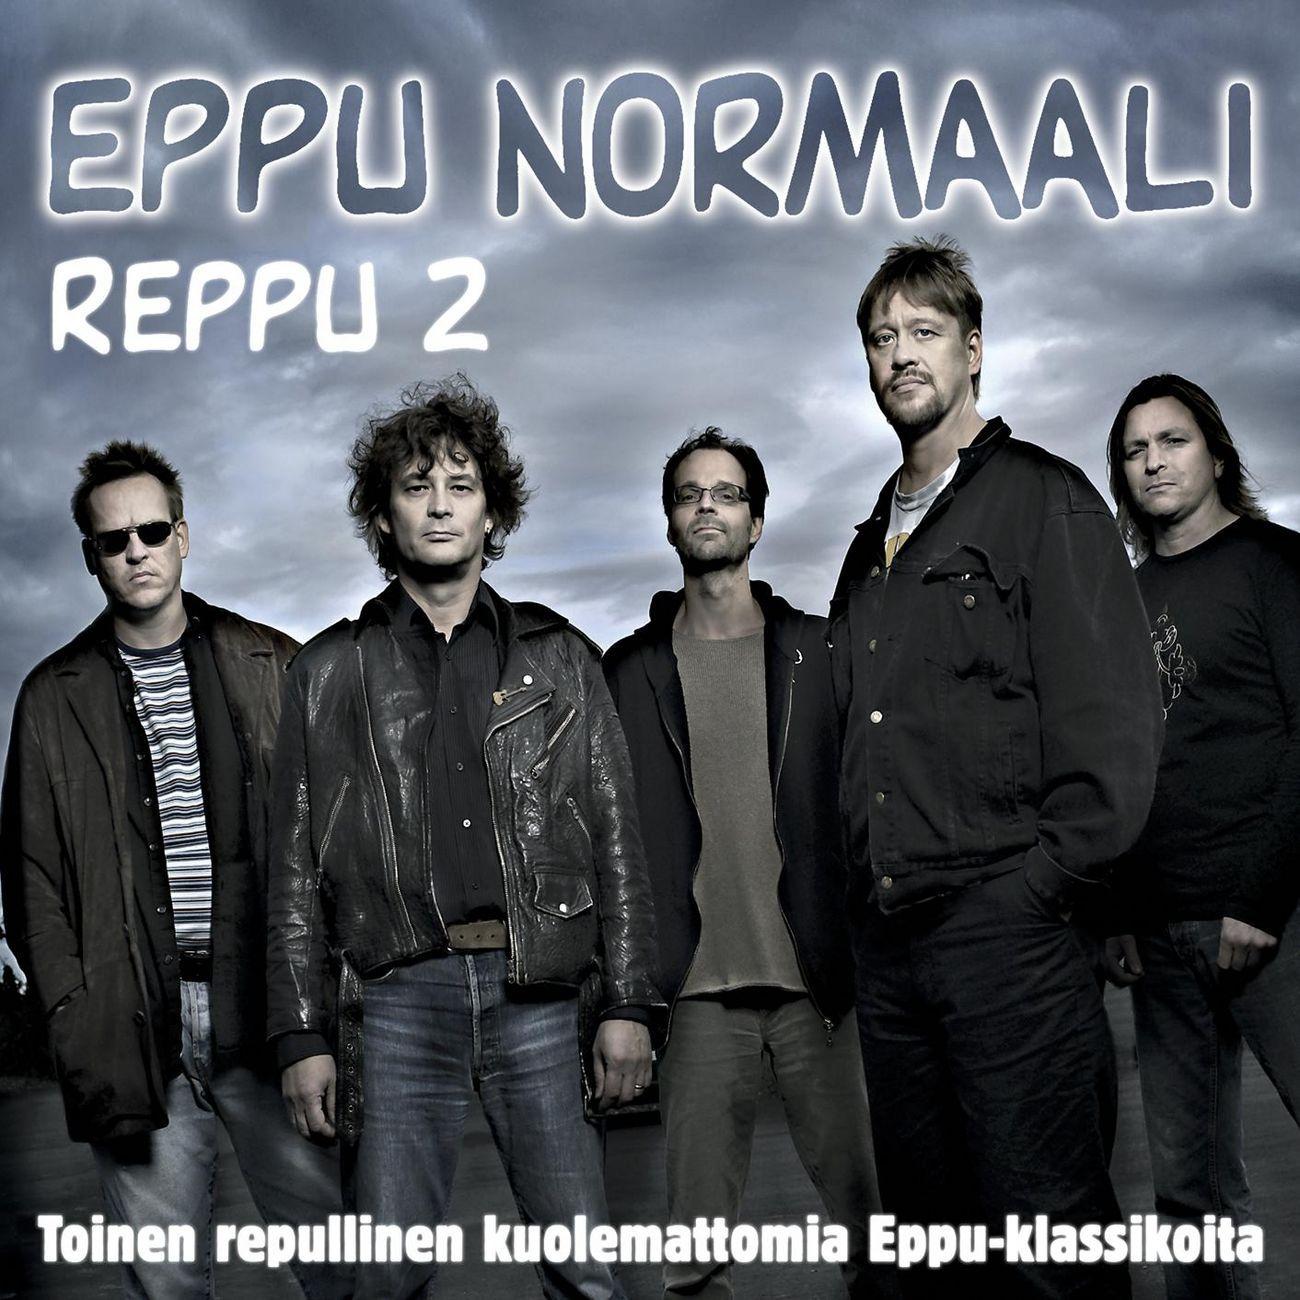 Eppu Normaali - Reppu 2 album cover